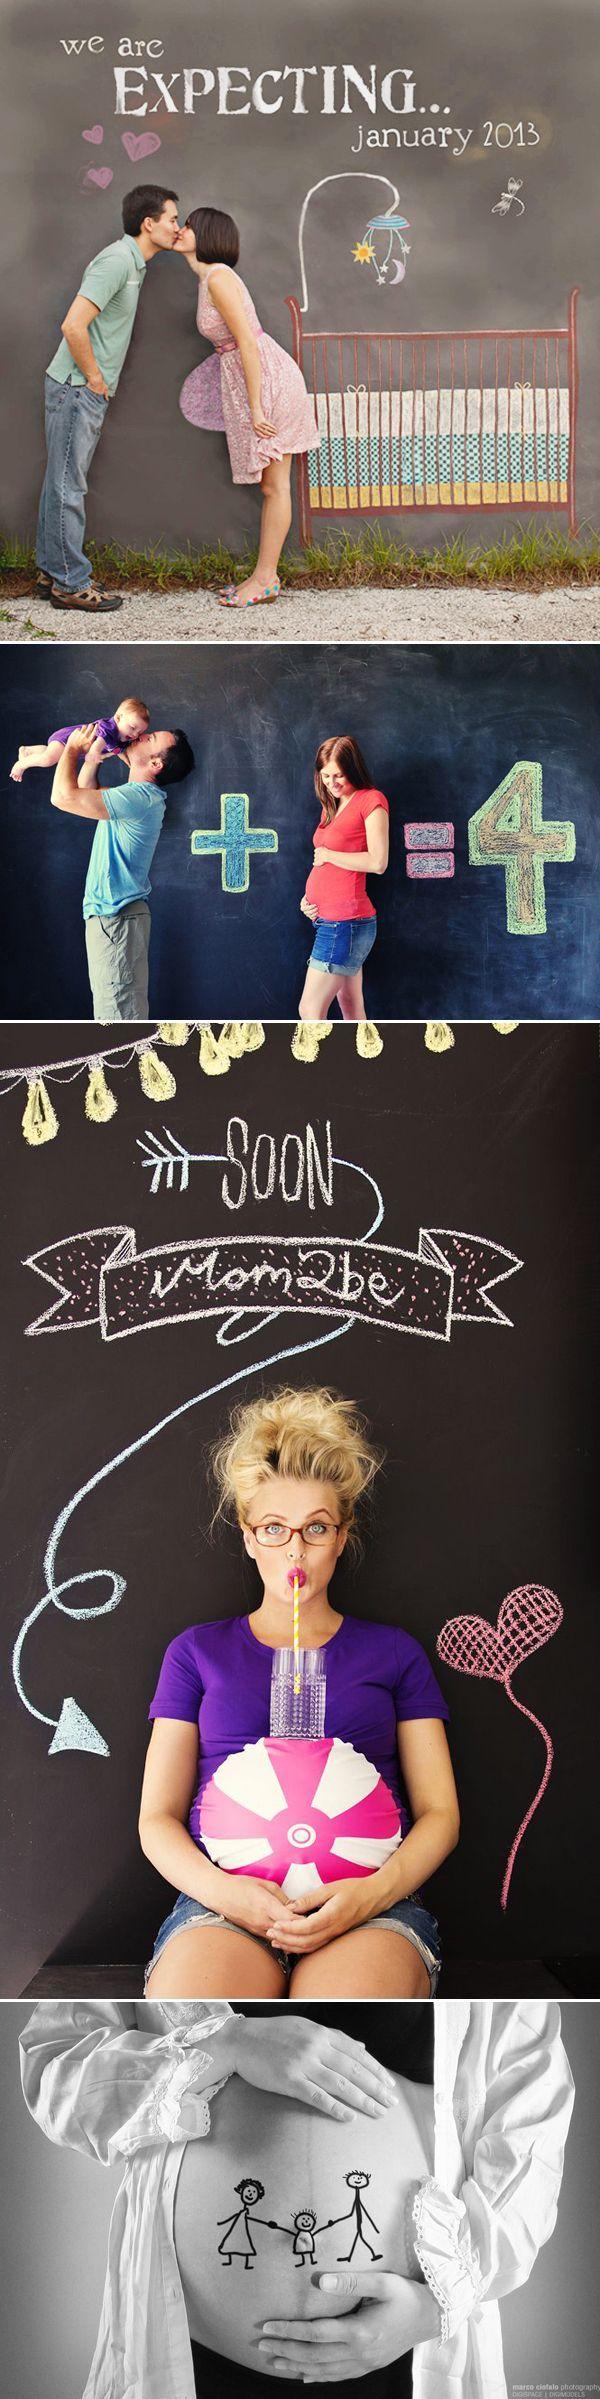 Fotos creativas para anunciar nacimiento